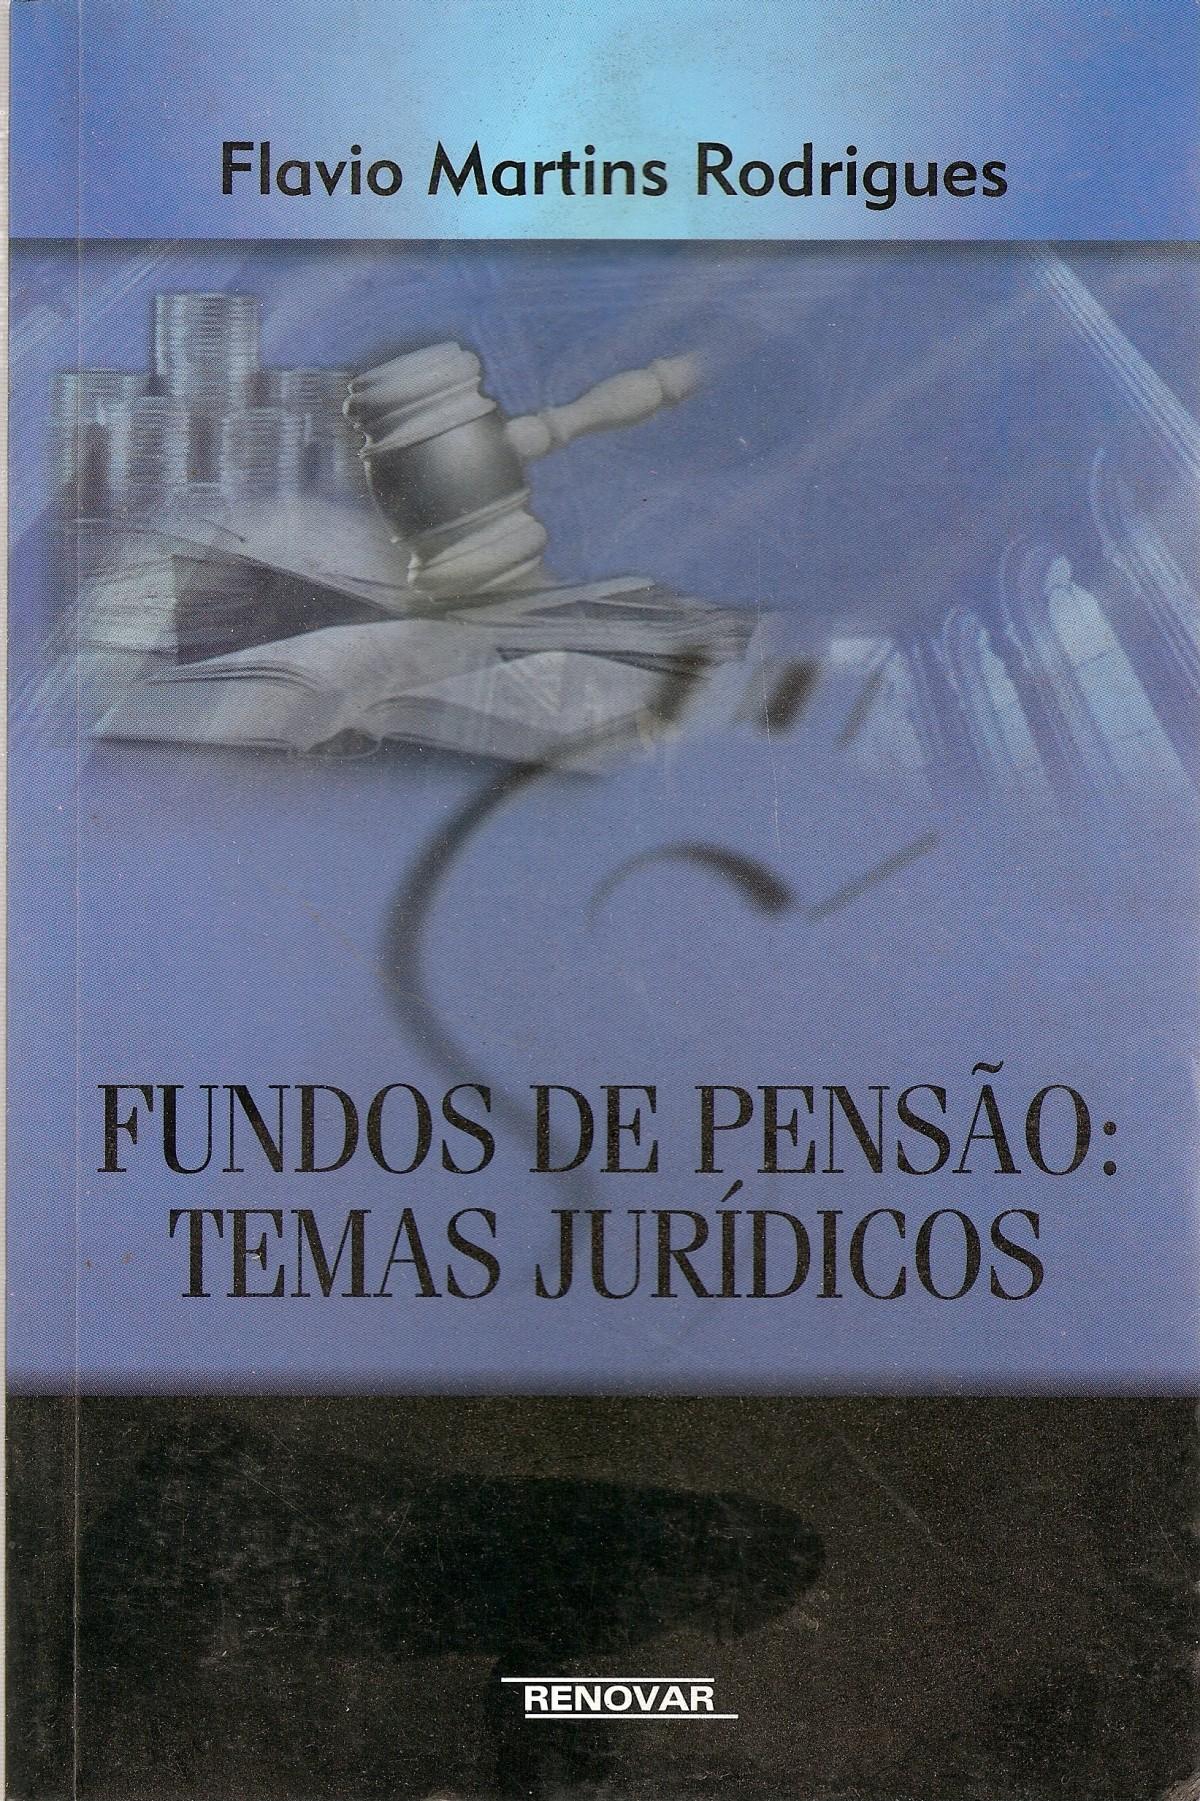 Foto 1 - Fundos de Pensão: Temas Jurídicos